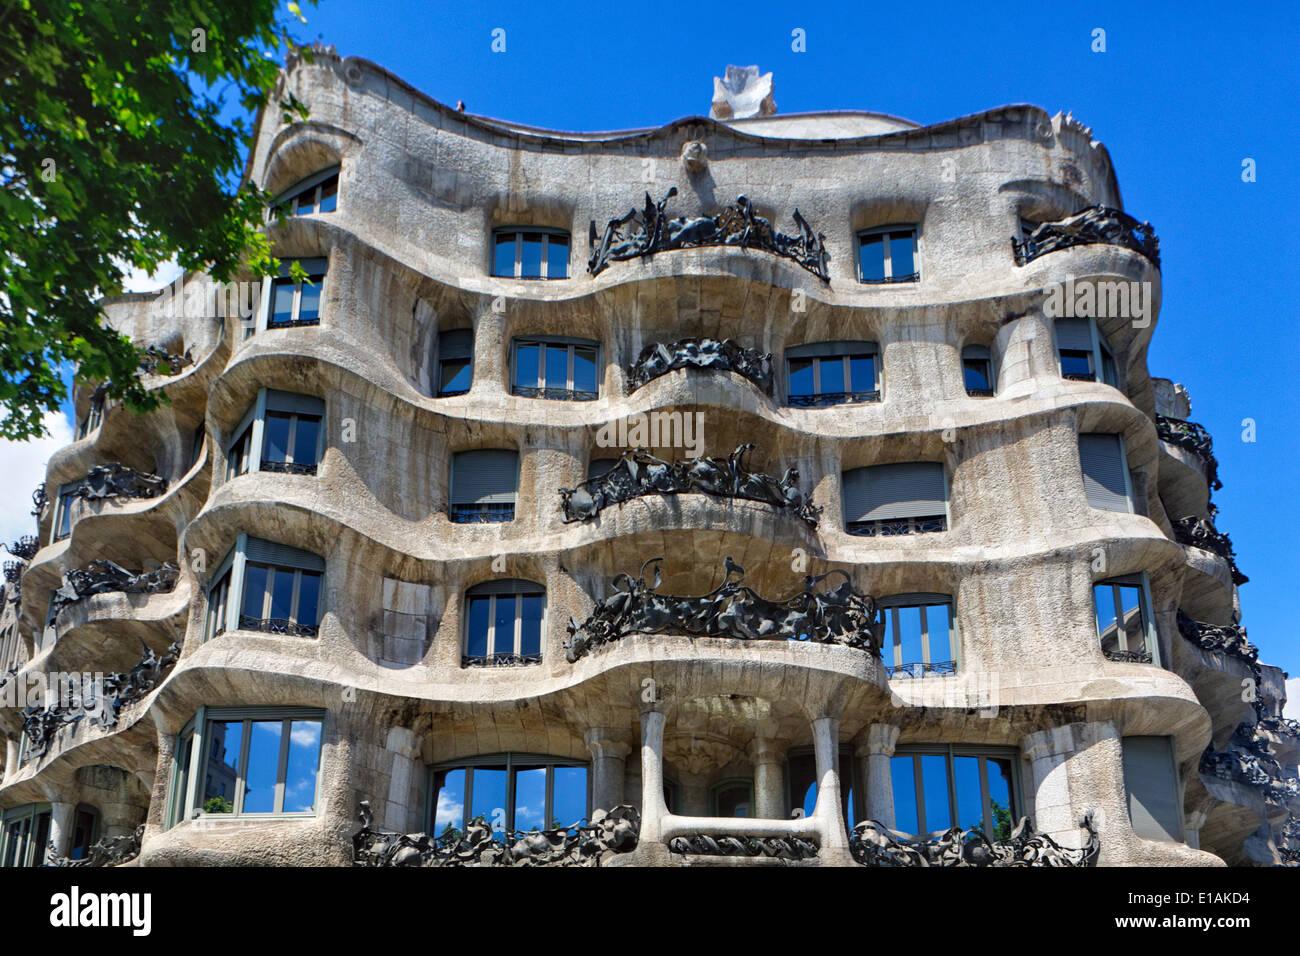 Basso angolo vista di una facciata di edificio, Casa Mila (La Pedrerea), Barcellona, in Catalogna, Spagna Immagini Stock